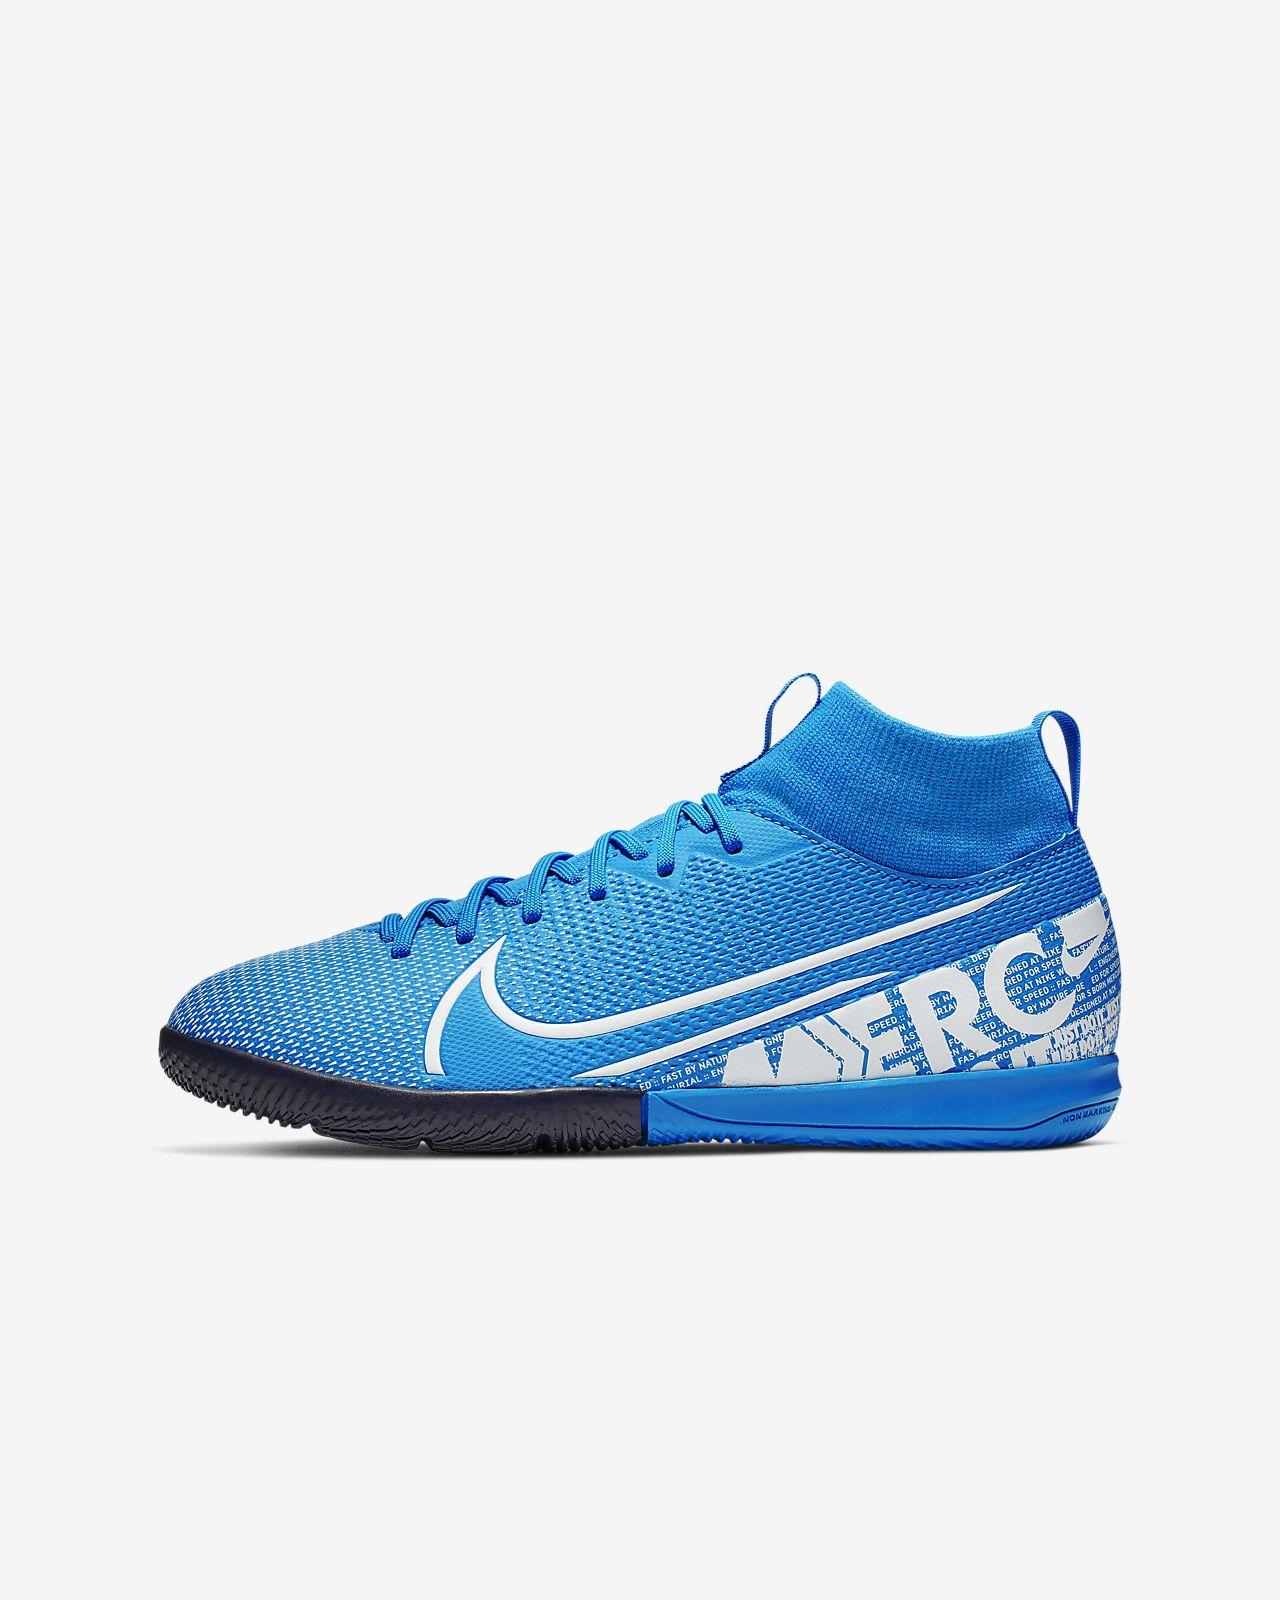 Nike Jr. Mercurial Superfly 7 Academy IC fotballsko for innendørsbane/gate til barn